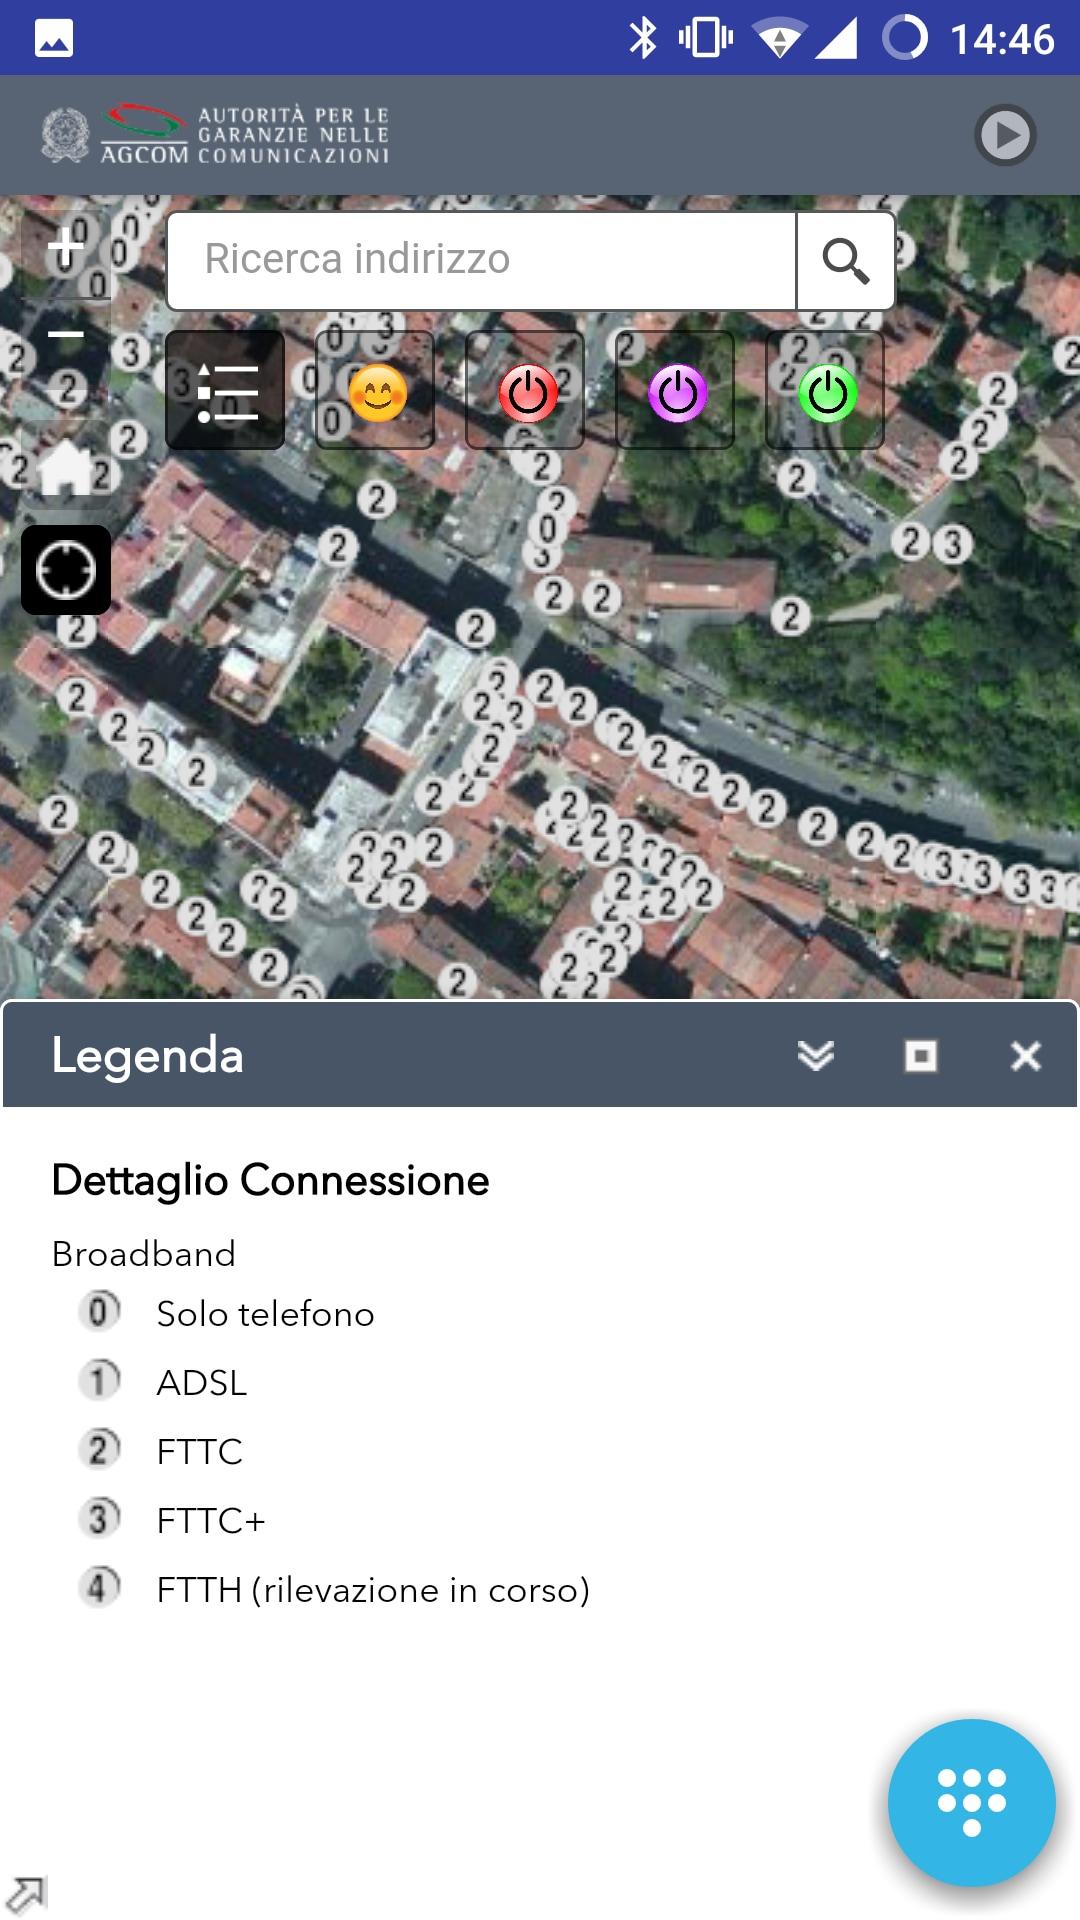 AGCOM BBmap (1)